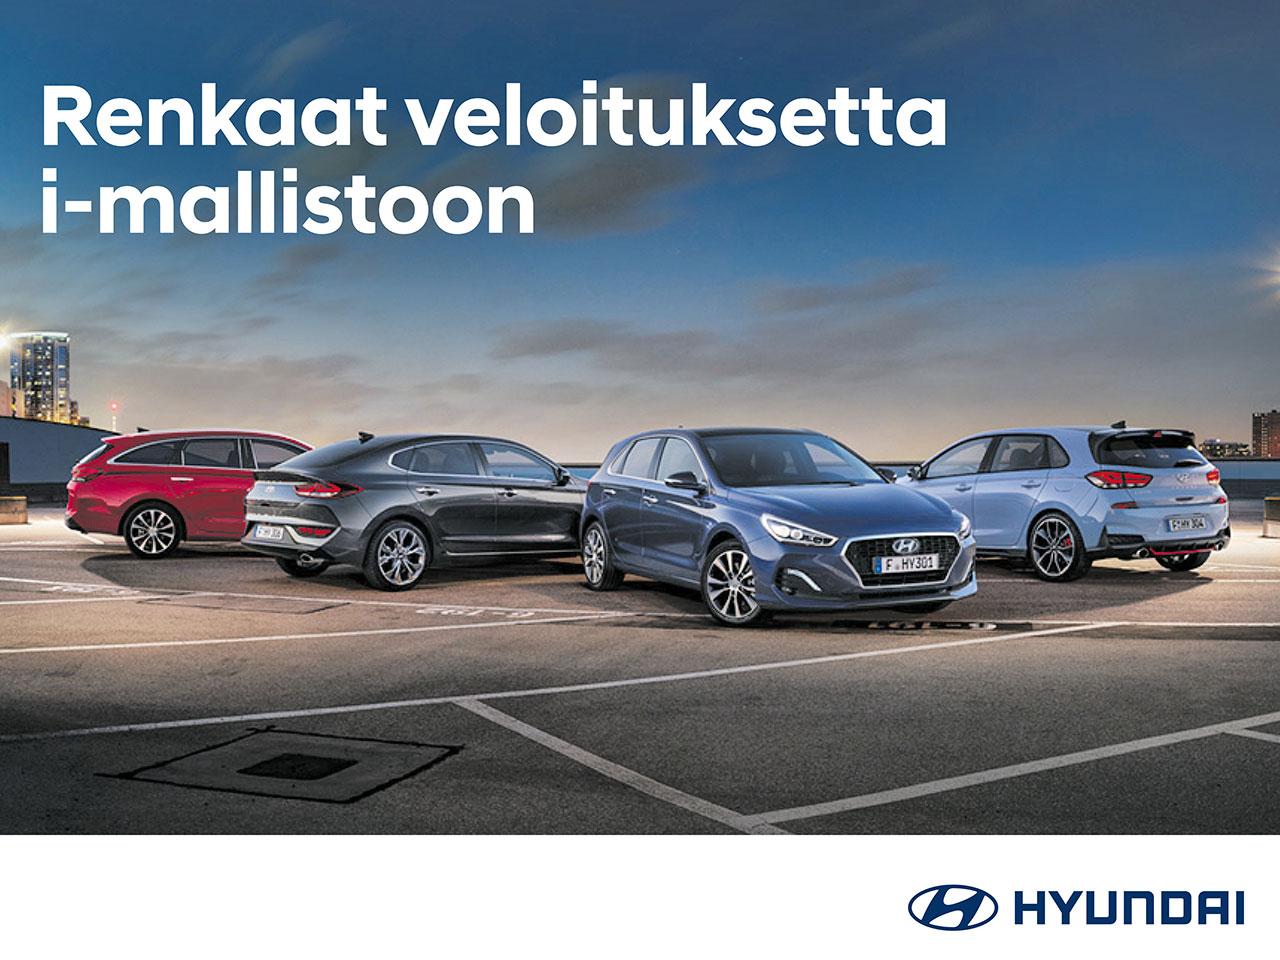 Hyundai i-mallistoon talvirenkaat veloituksetta